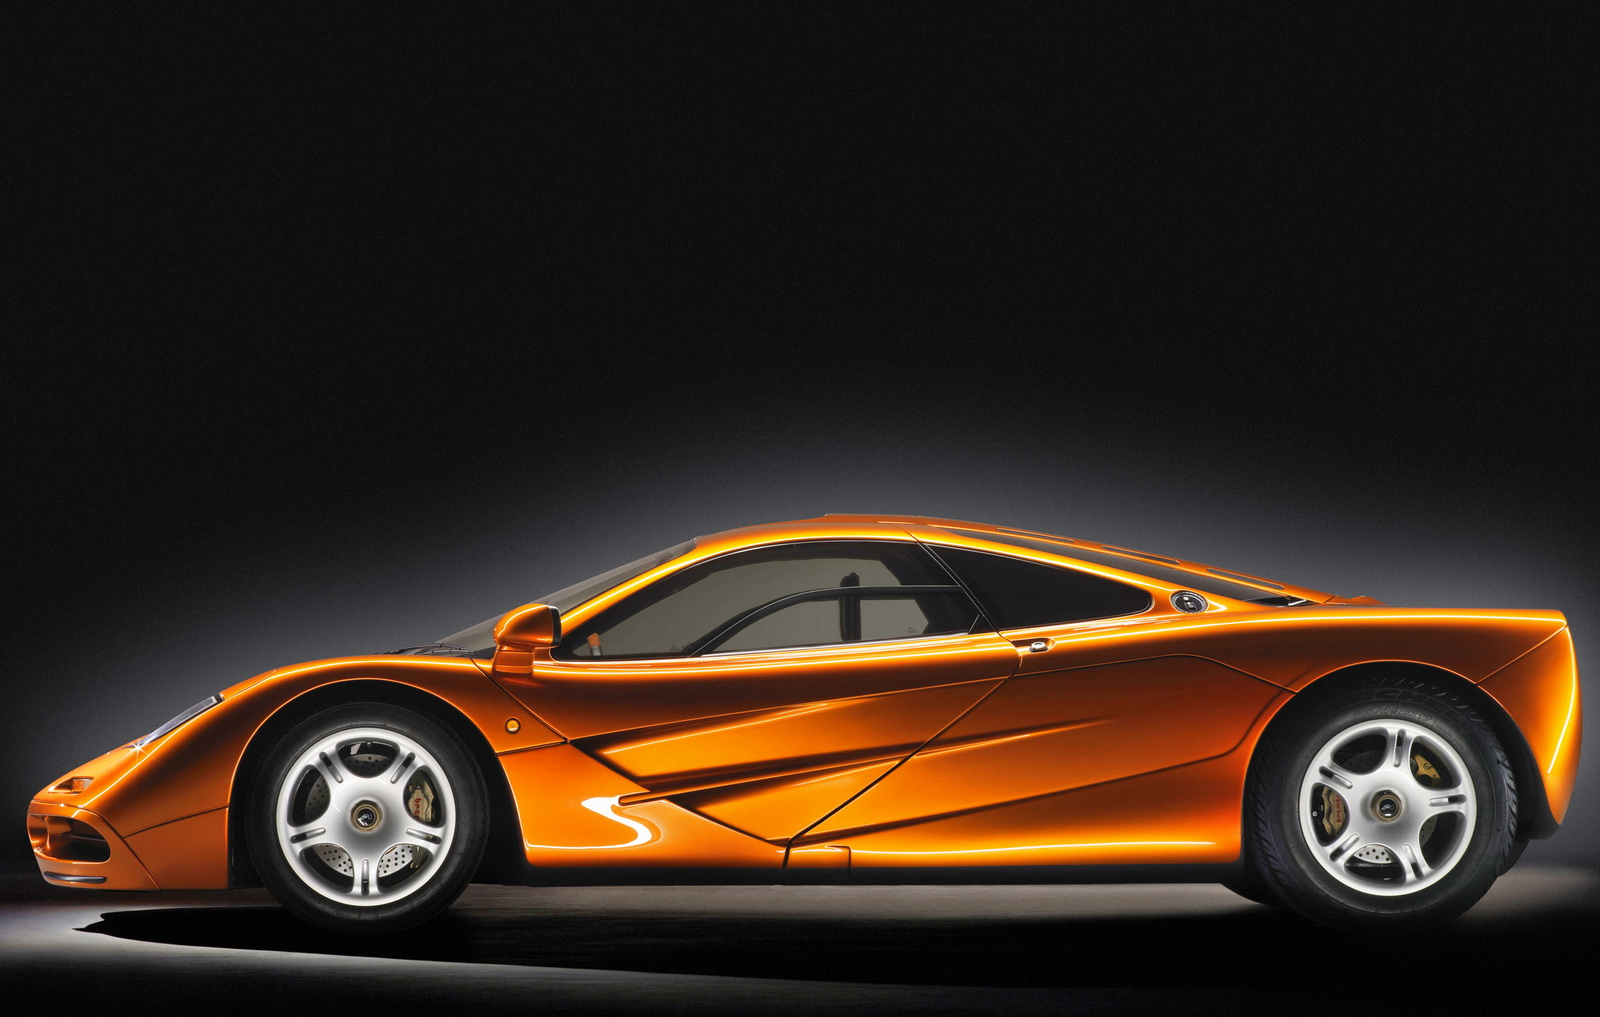 Huyền thoại McLaren F1 sinh nhật lần thứ 24